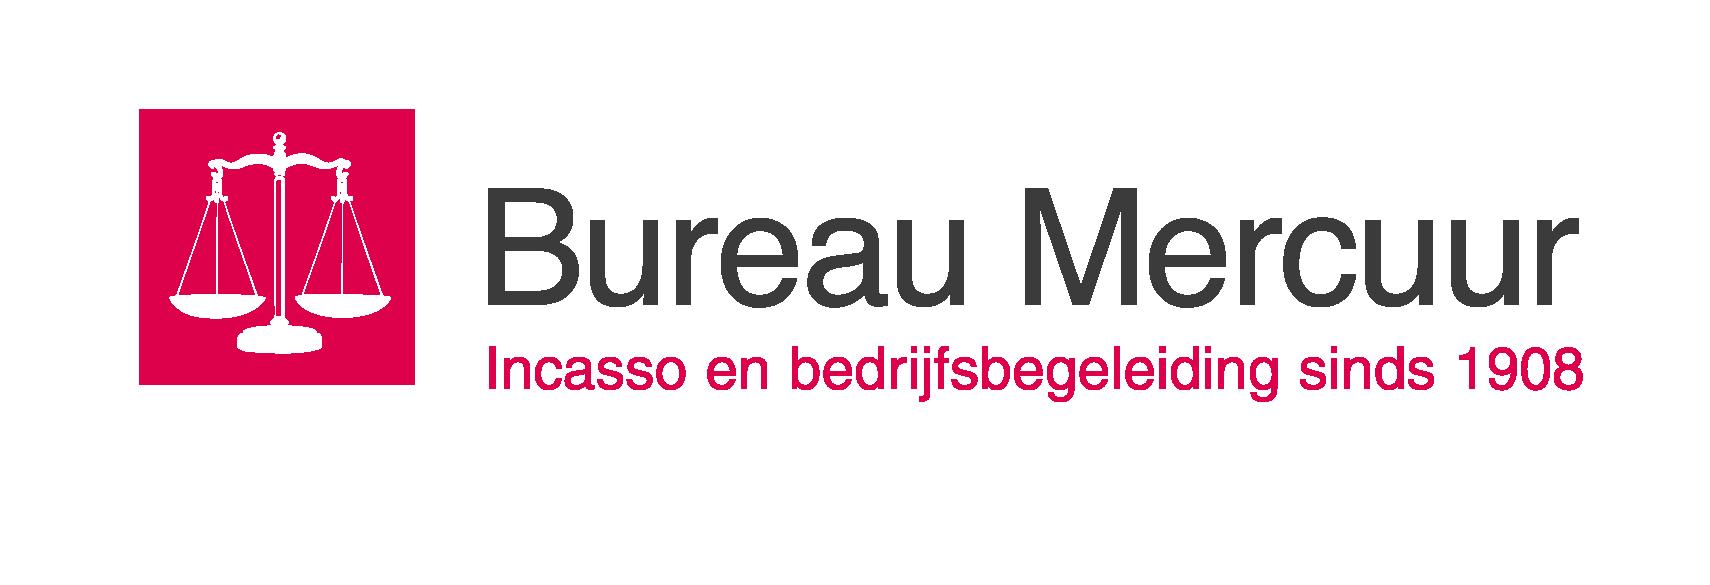 Bureau Mercuur / VT-Groep